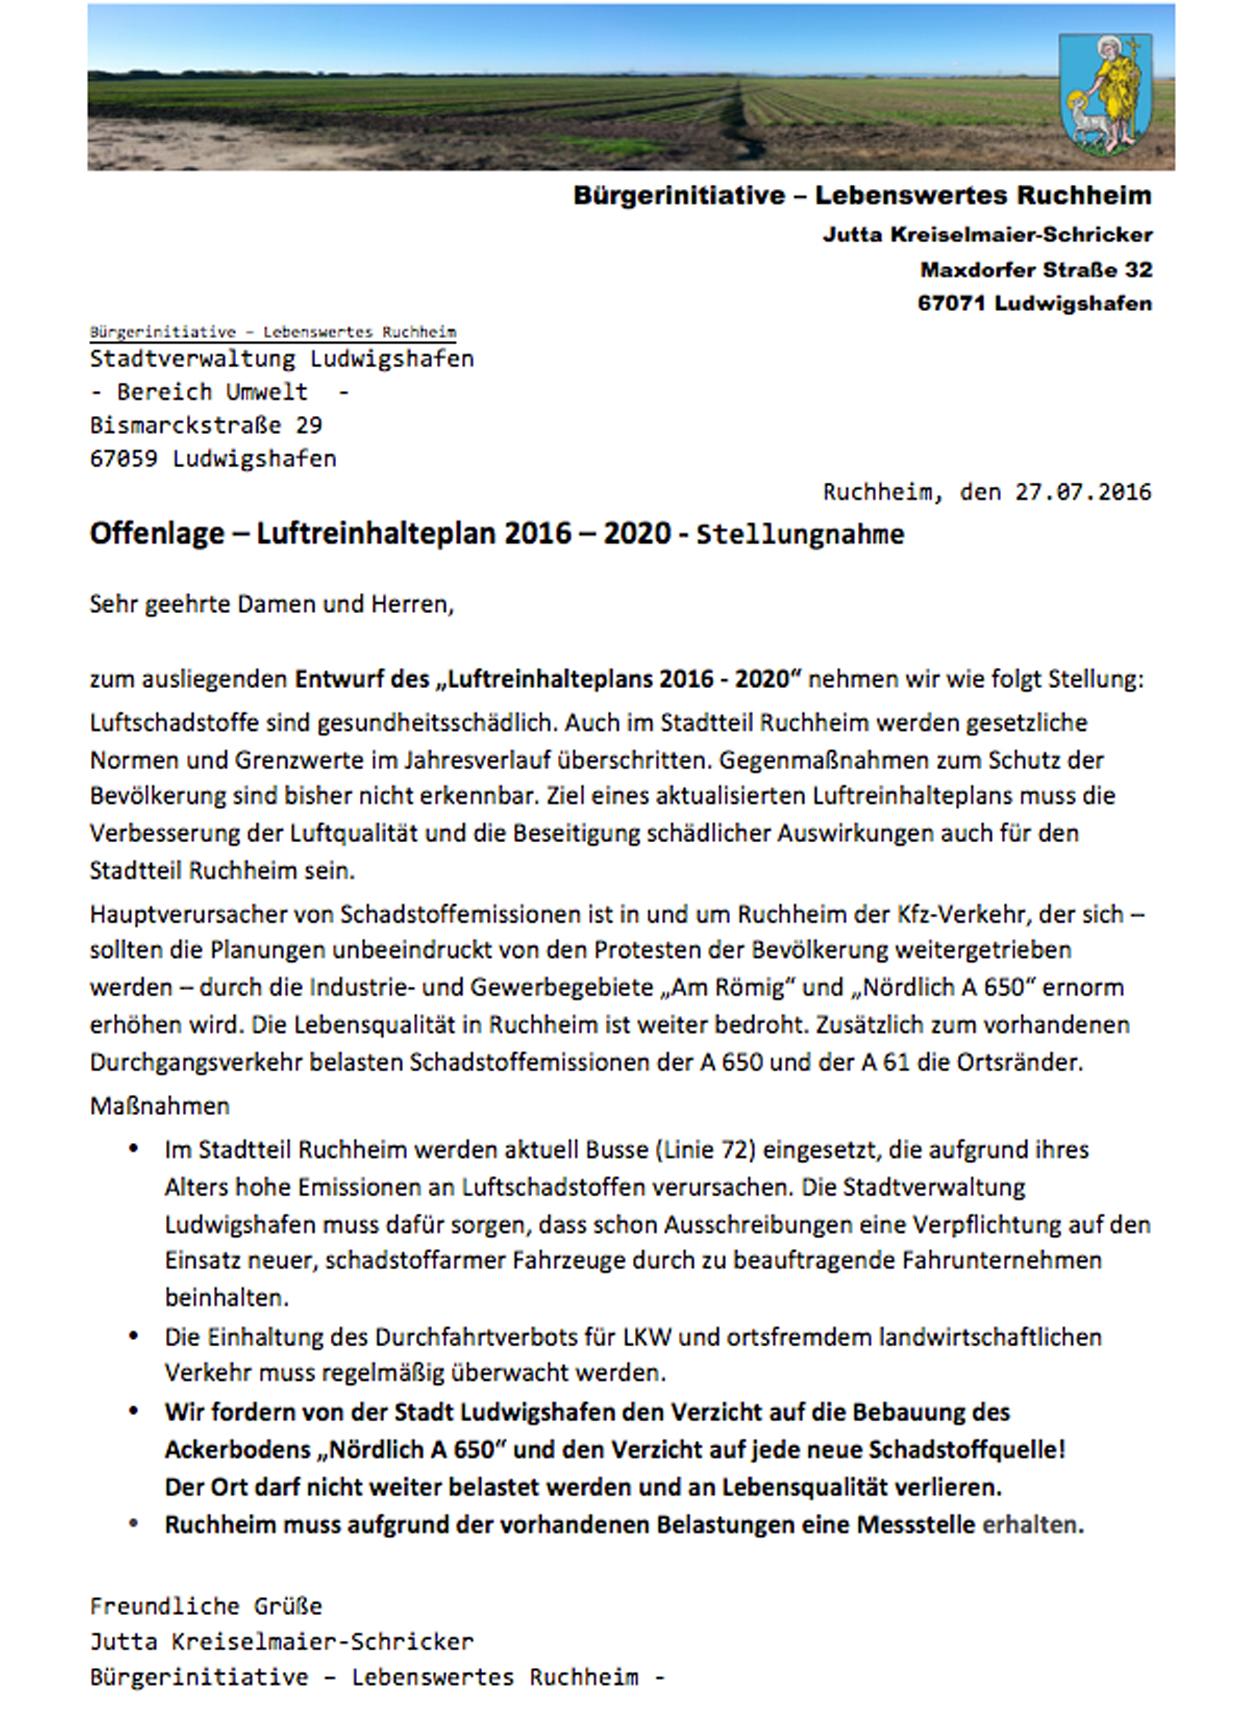 Offenlage Luftreinhalteplan 2016- 2020